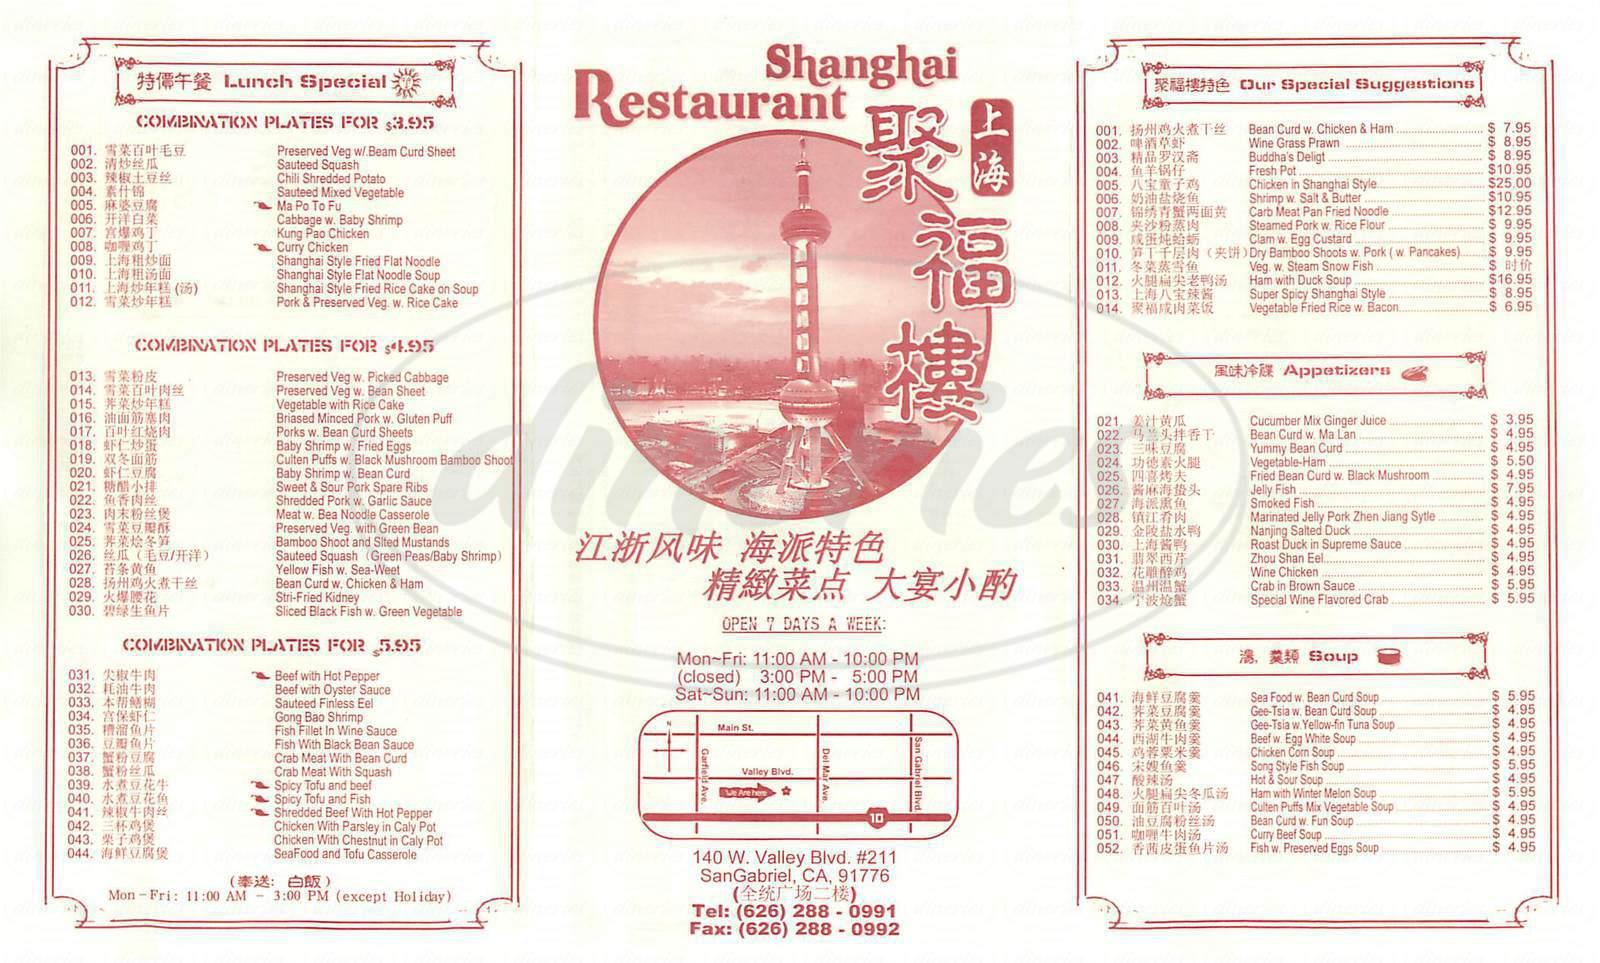 menu for Shanghai Restaurant